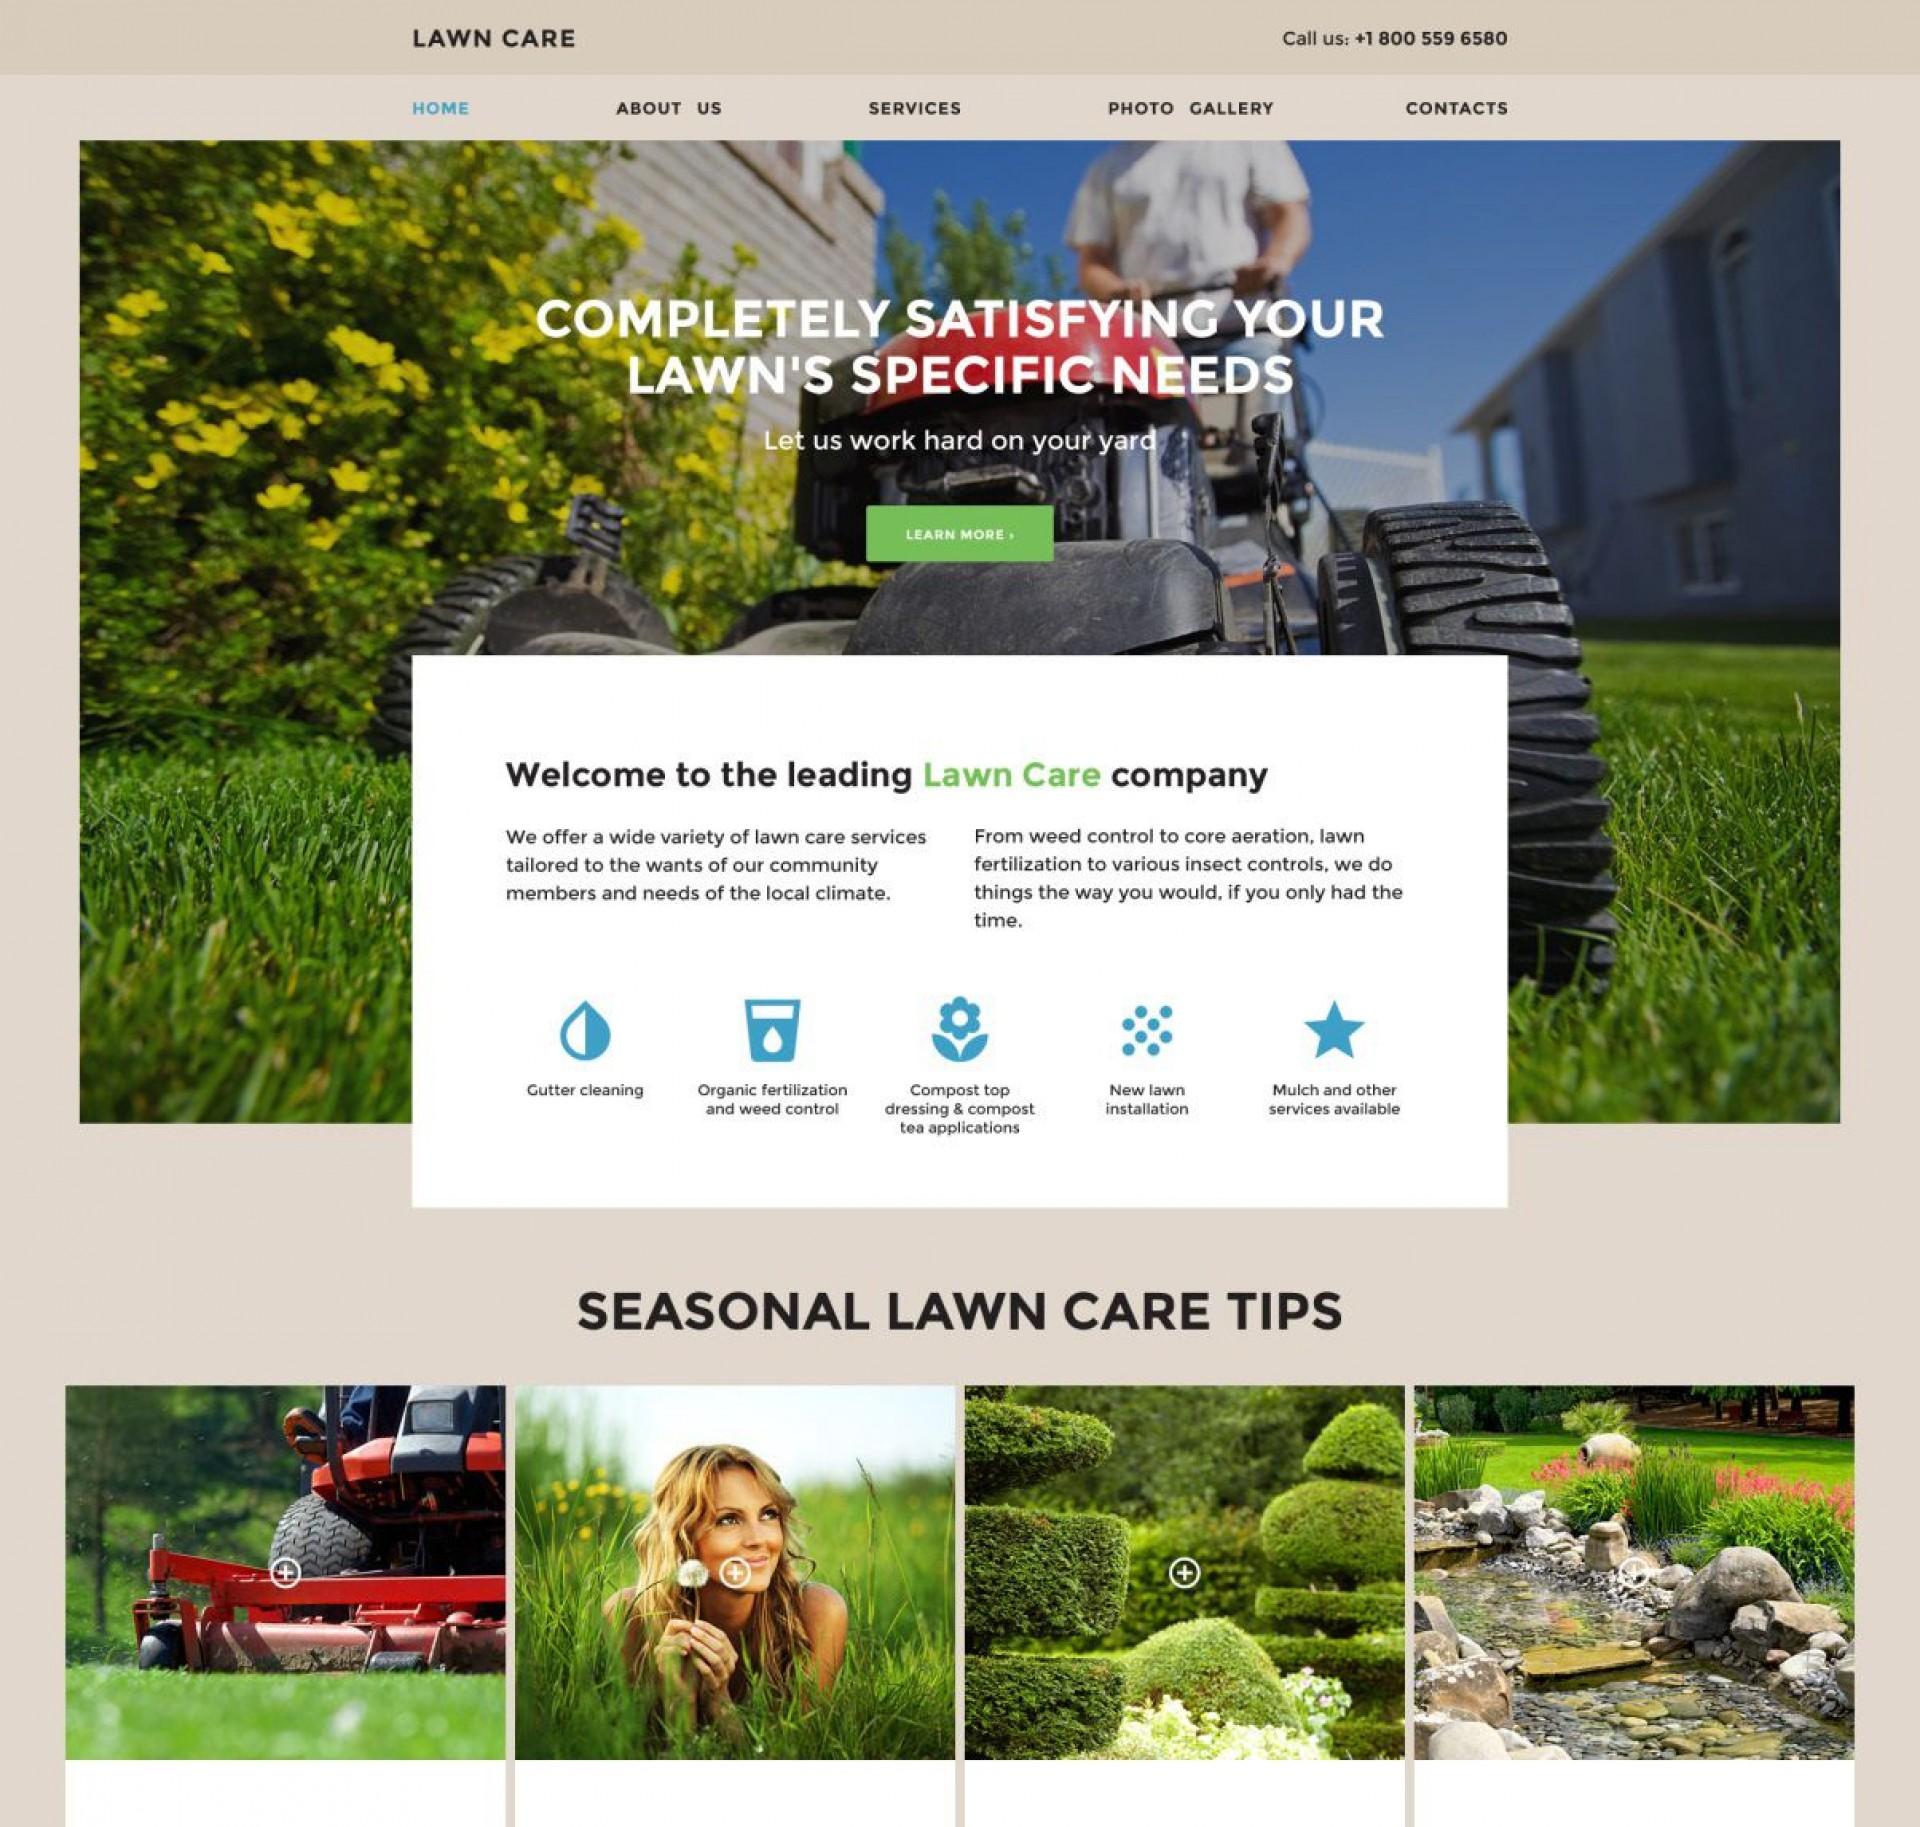 008 Unusual Lawn Care Website Template Sample 1920